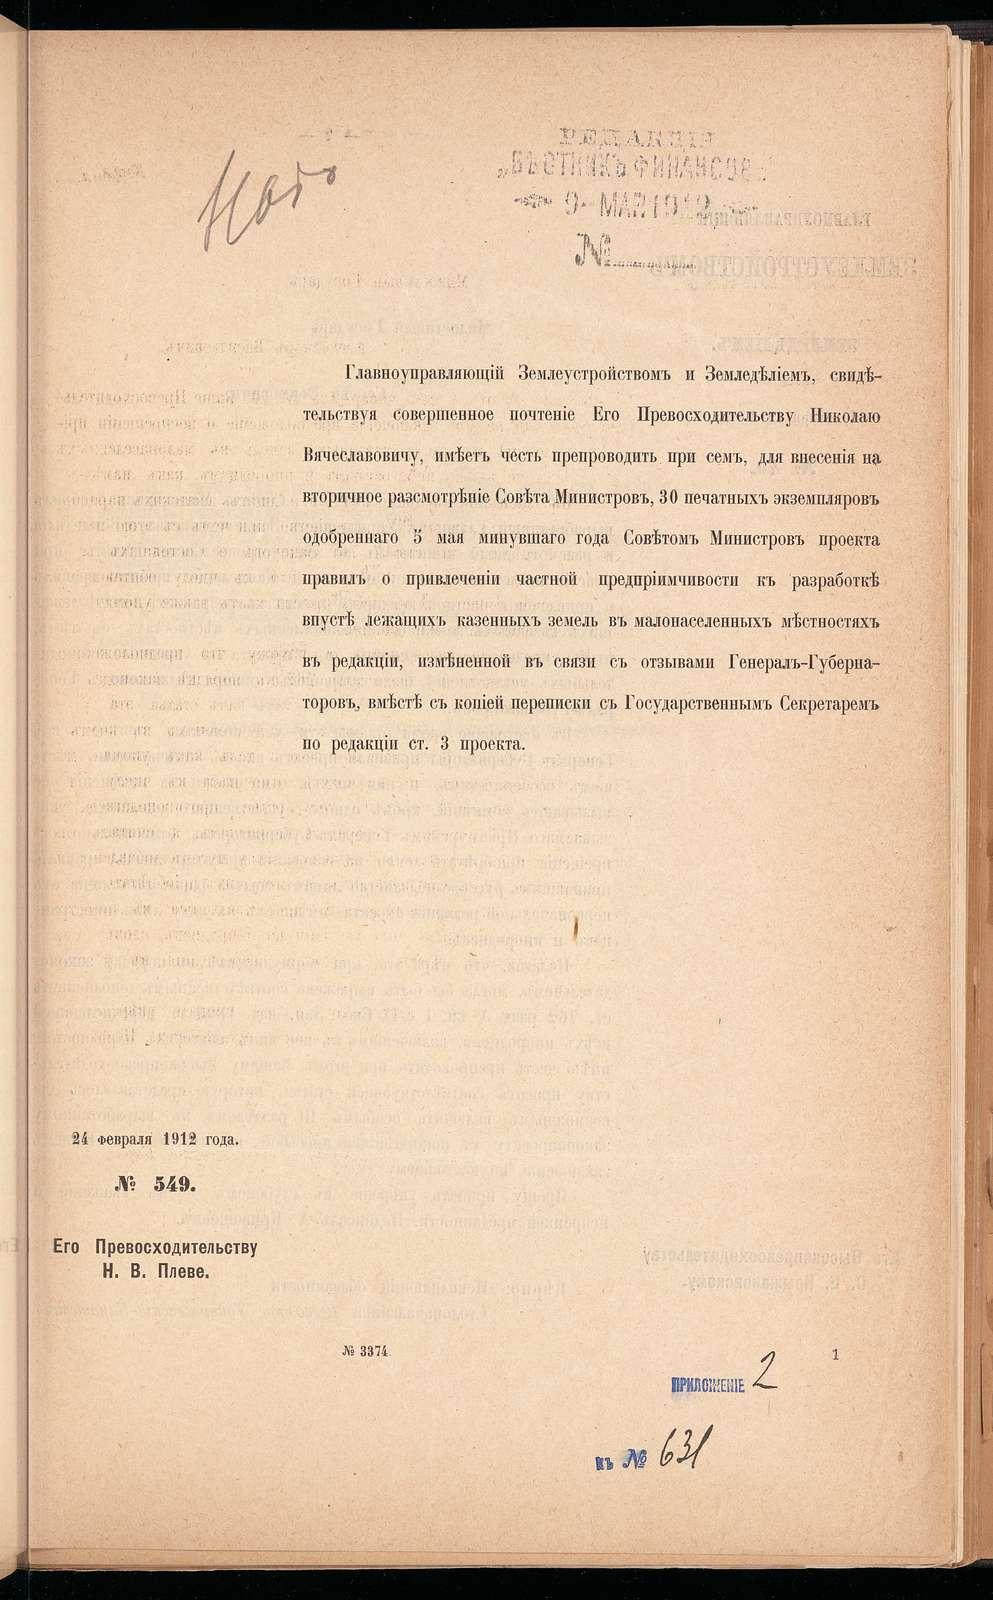 O privlechenīi chastnoĭ predprīimchivosti kʺ razrabotki͡e vpusti͡e lezhashchikhʺ kazennykhʺ zemelʹ vʺ malonaselennykhʺ mi͡estnosti͡akhʺ : 1912 goda